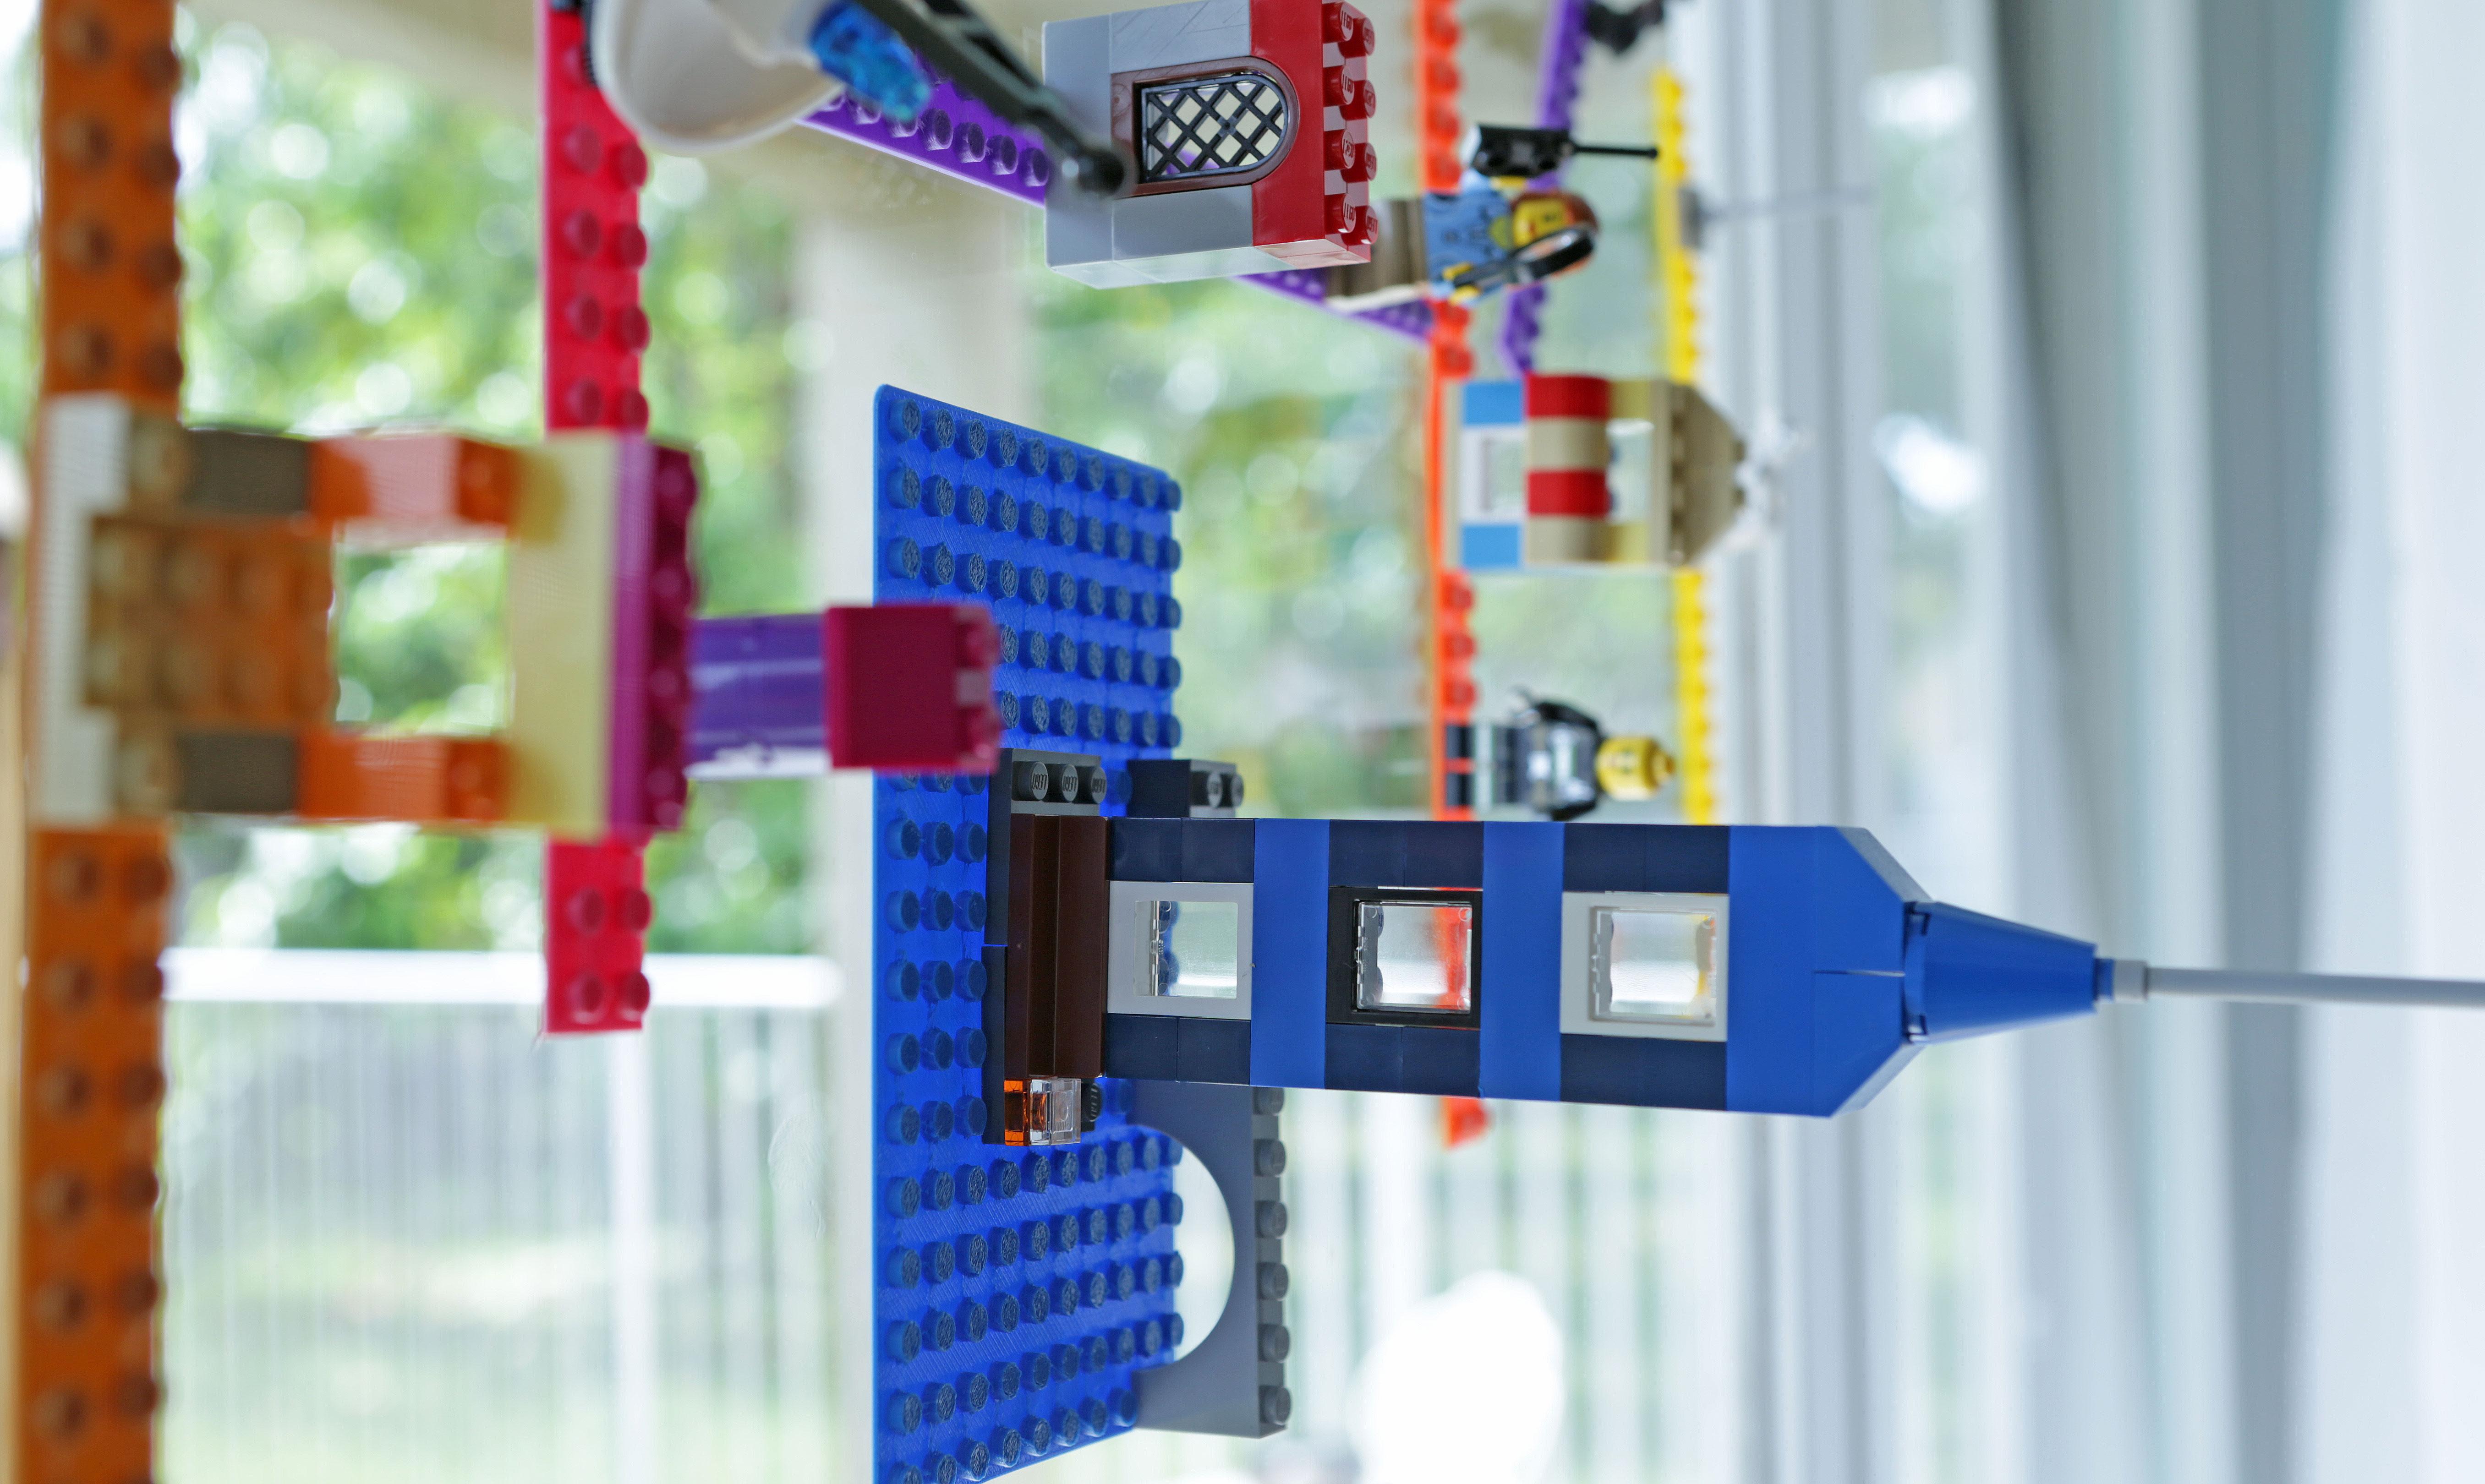 Lego Tape By Adafruit Thingiverse